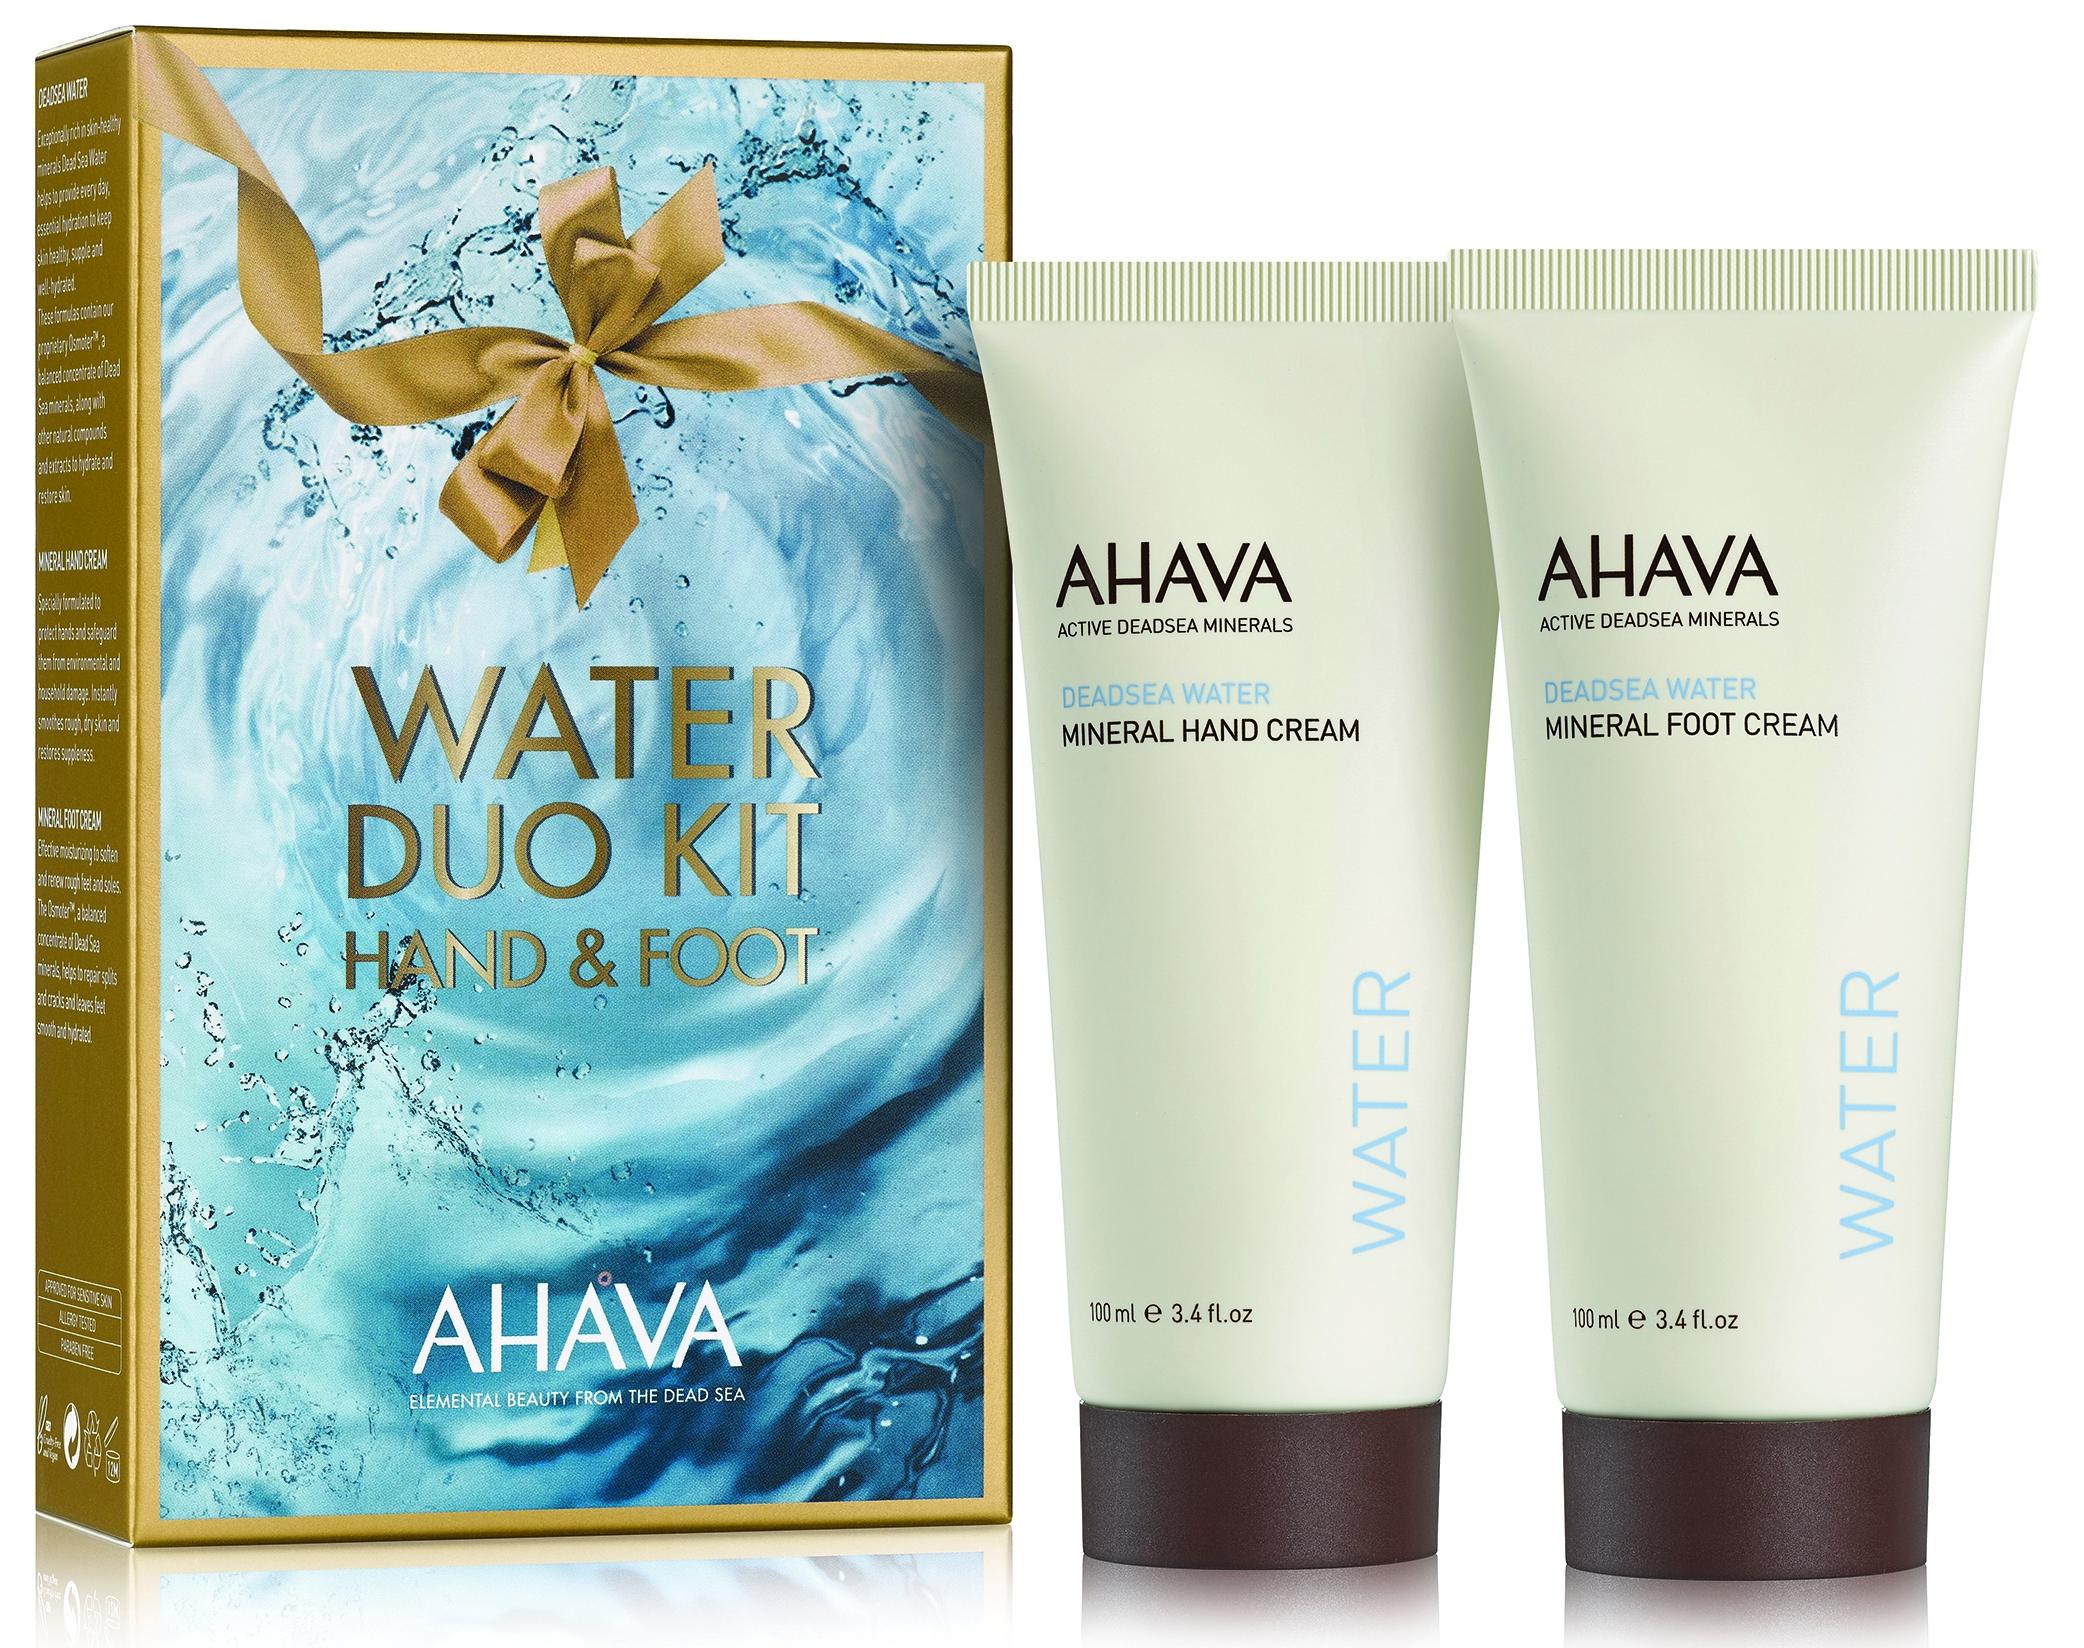 AHAVA Набор для тела (крем минеральный для рук 100 мл, крем минеральный для ног 100 мл) / Deadsea Water минеральный крем для тела ahava минеральный крем для тела